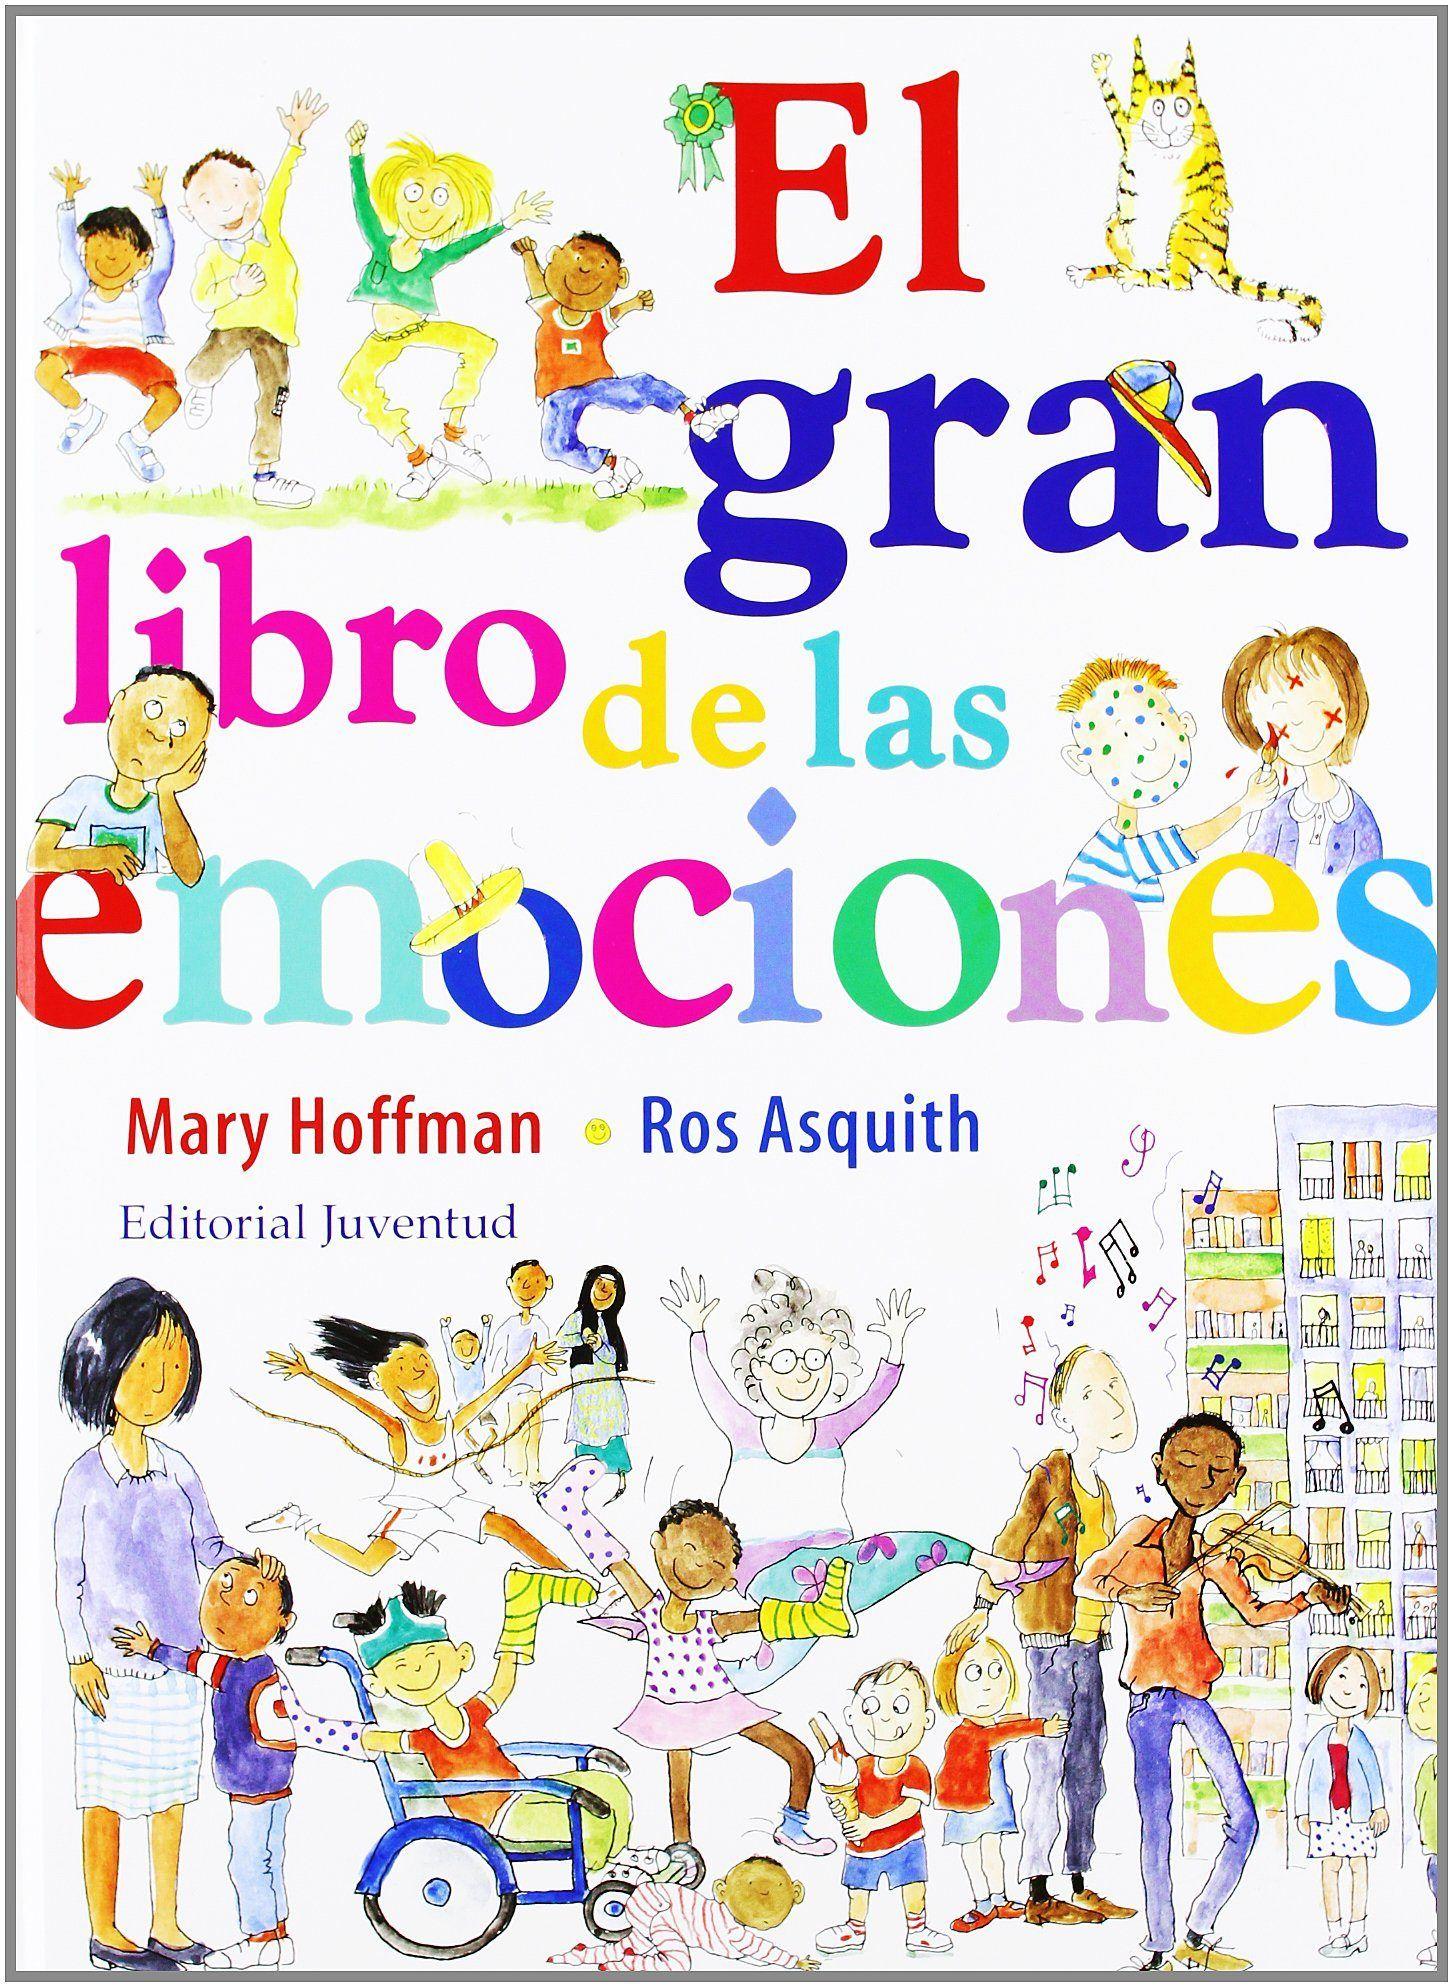 El Gran Libro De Las Emociones Mary Hoffman Ros Asquith 9788426139542 Emociones Inteligencia Emocional Para Niños Libros De Inteligencia Emocional